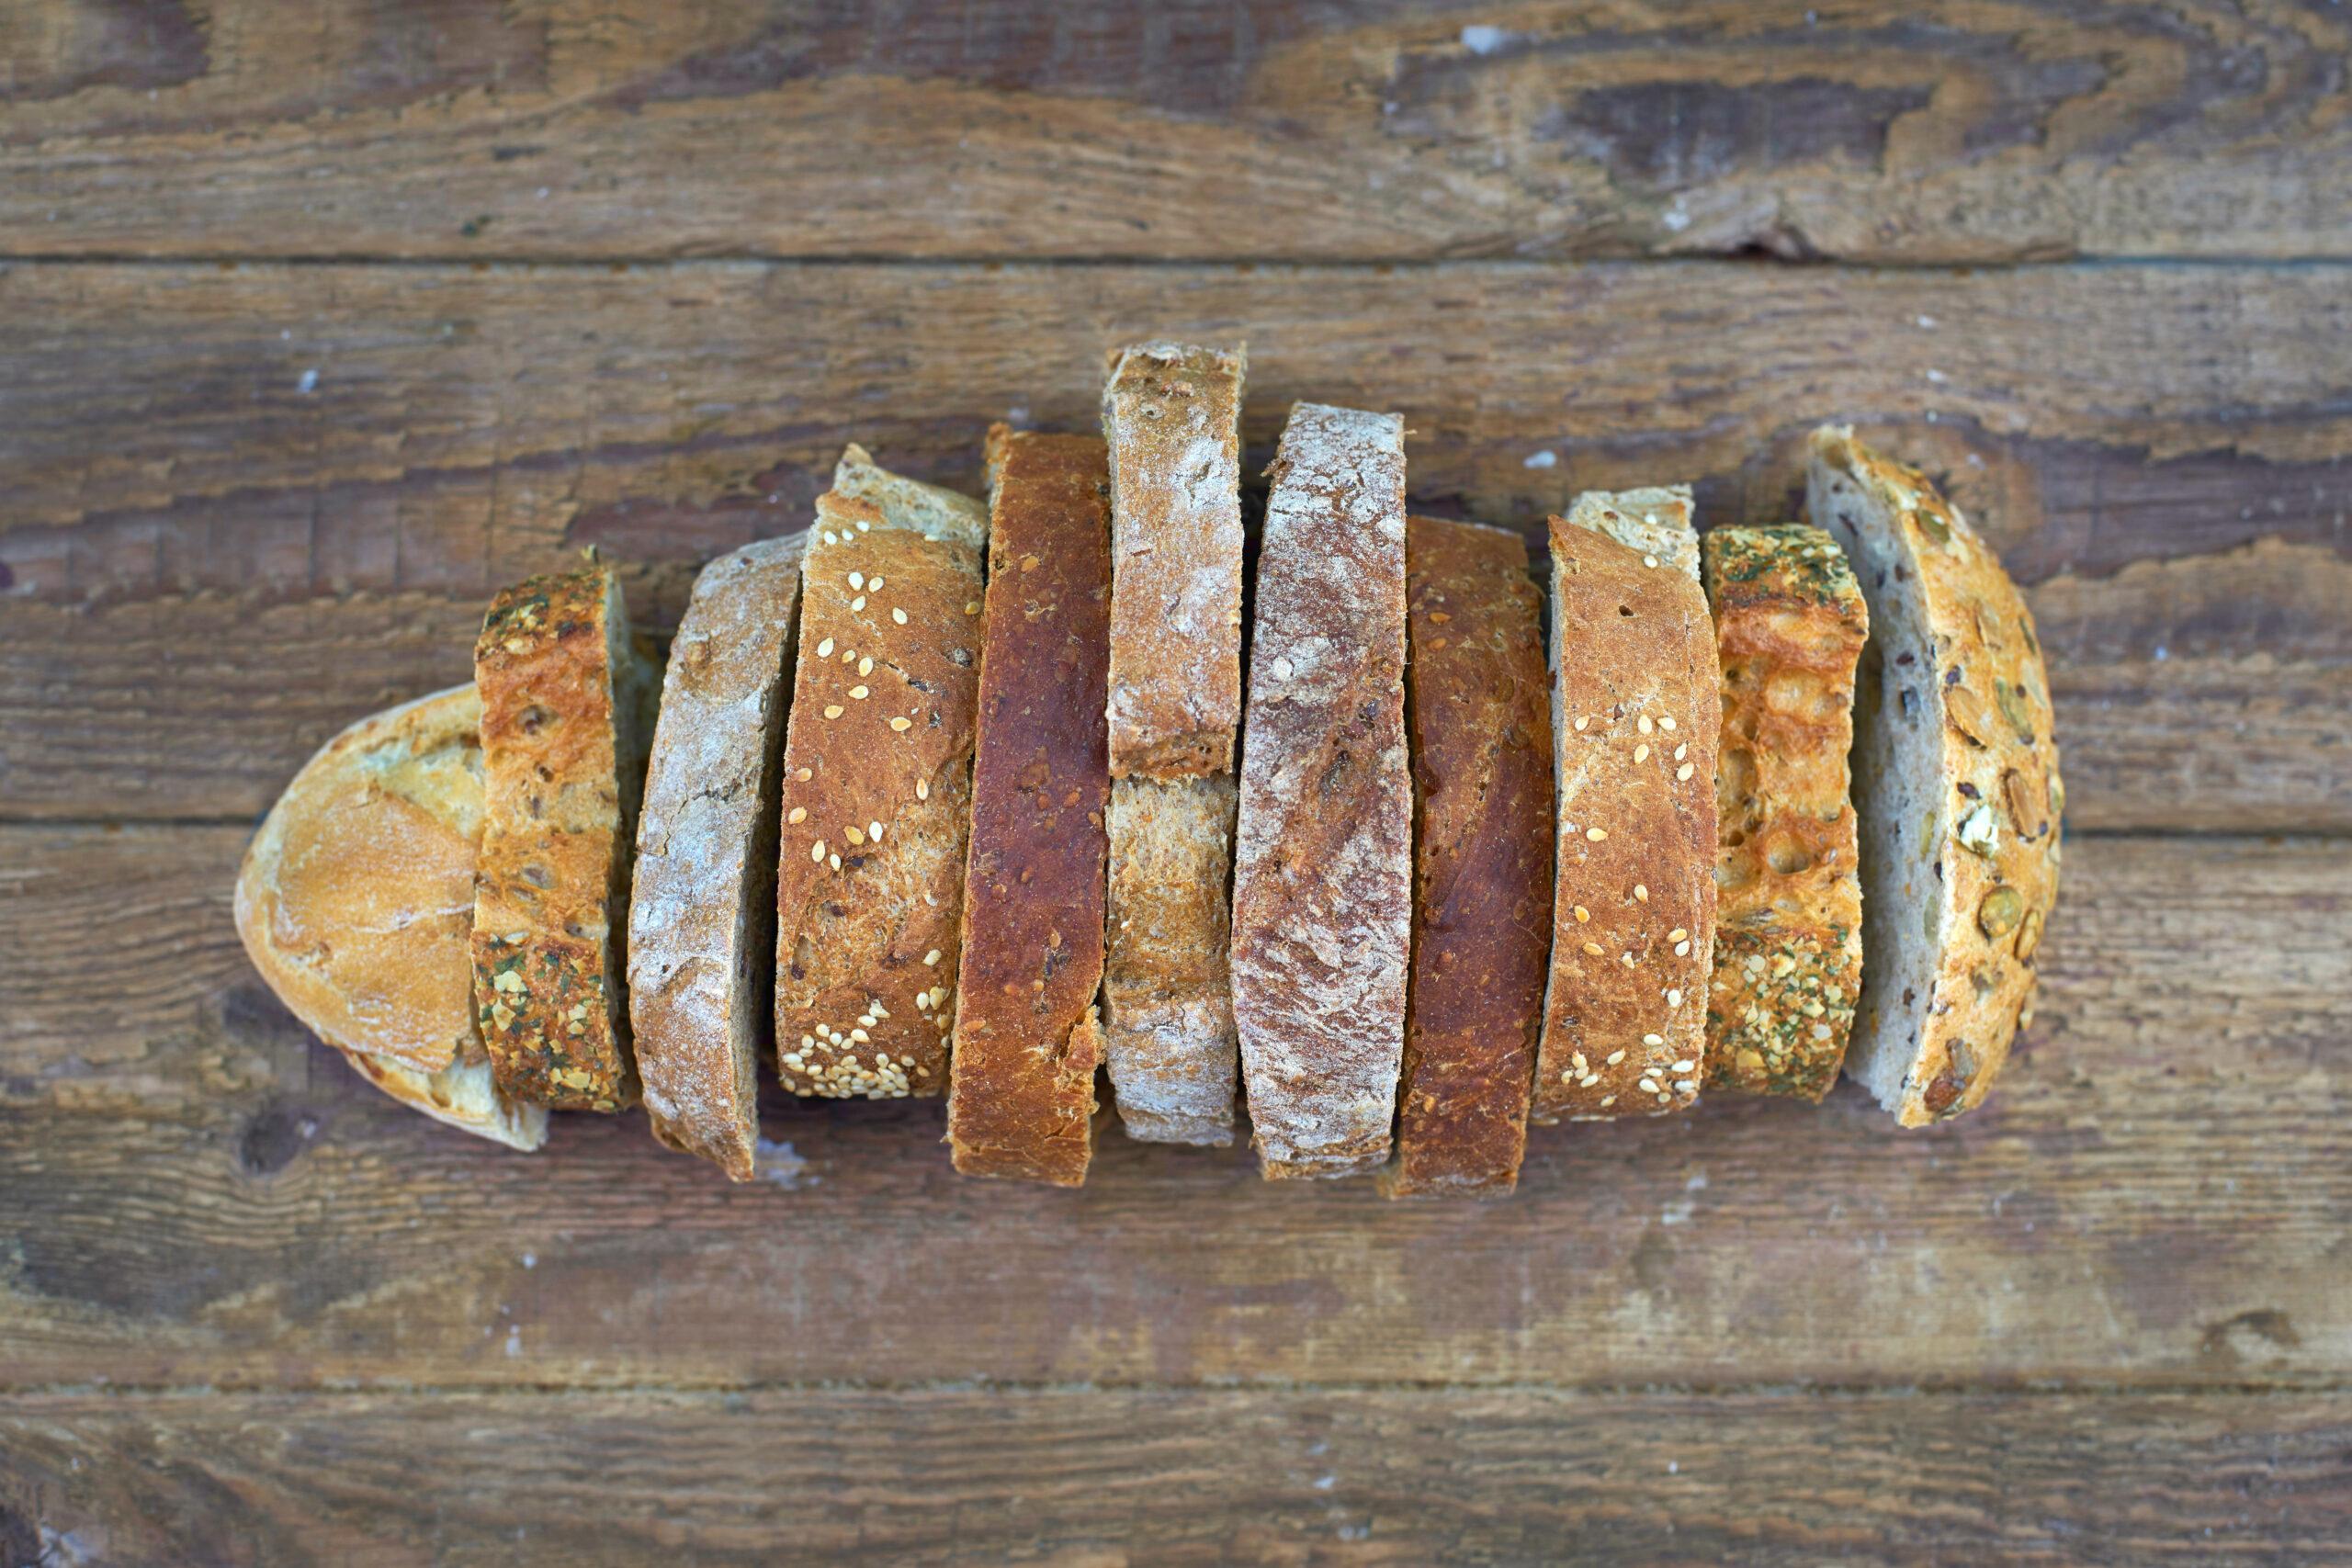 Zero-Waste: verschiedene Brotscheiben als Brot auf einem Tisch gelegt